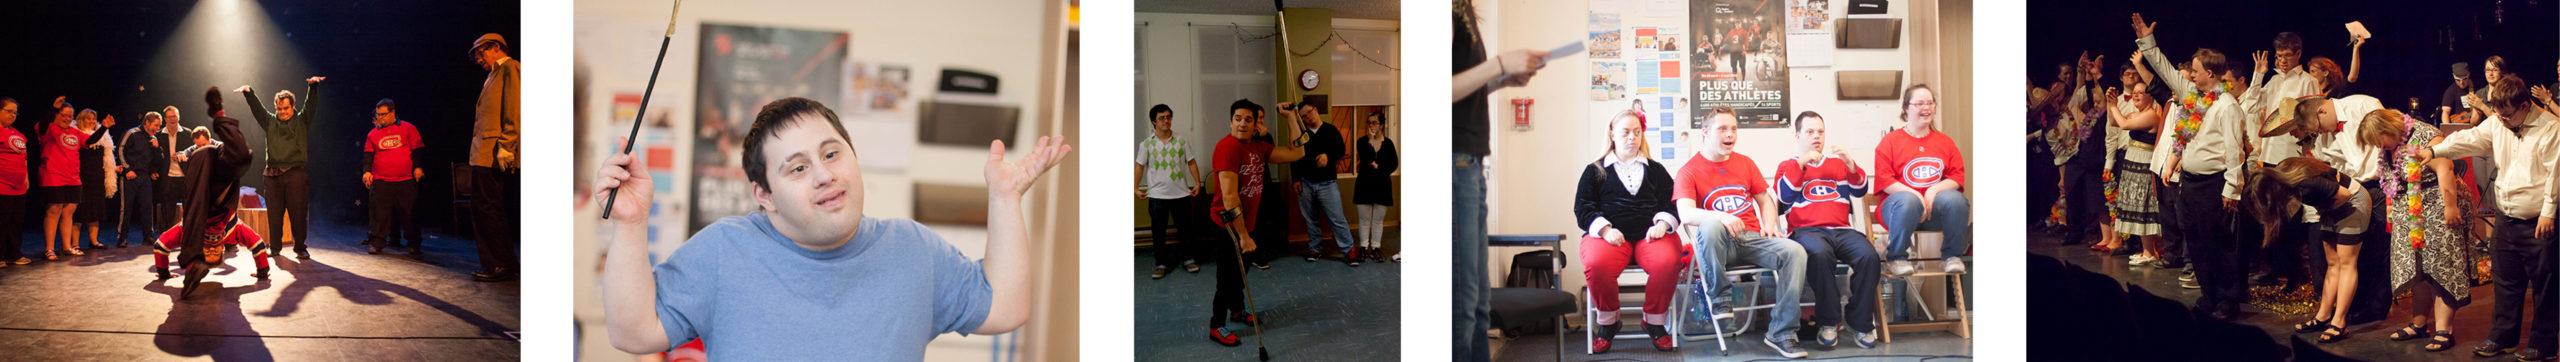 Des membres du Regroupement pour la Trisomie 21 jouent dans un spectacle, créent et répètent lors d'ateliers, et saluent sur scène. 5 photos.